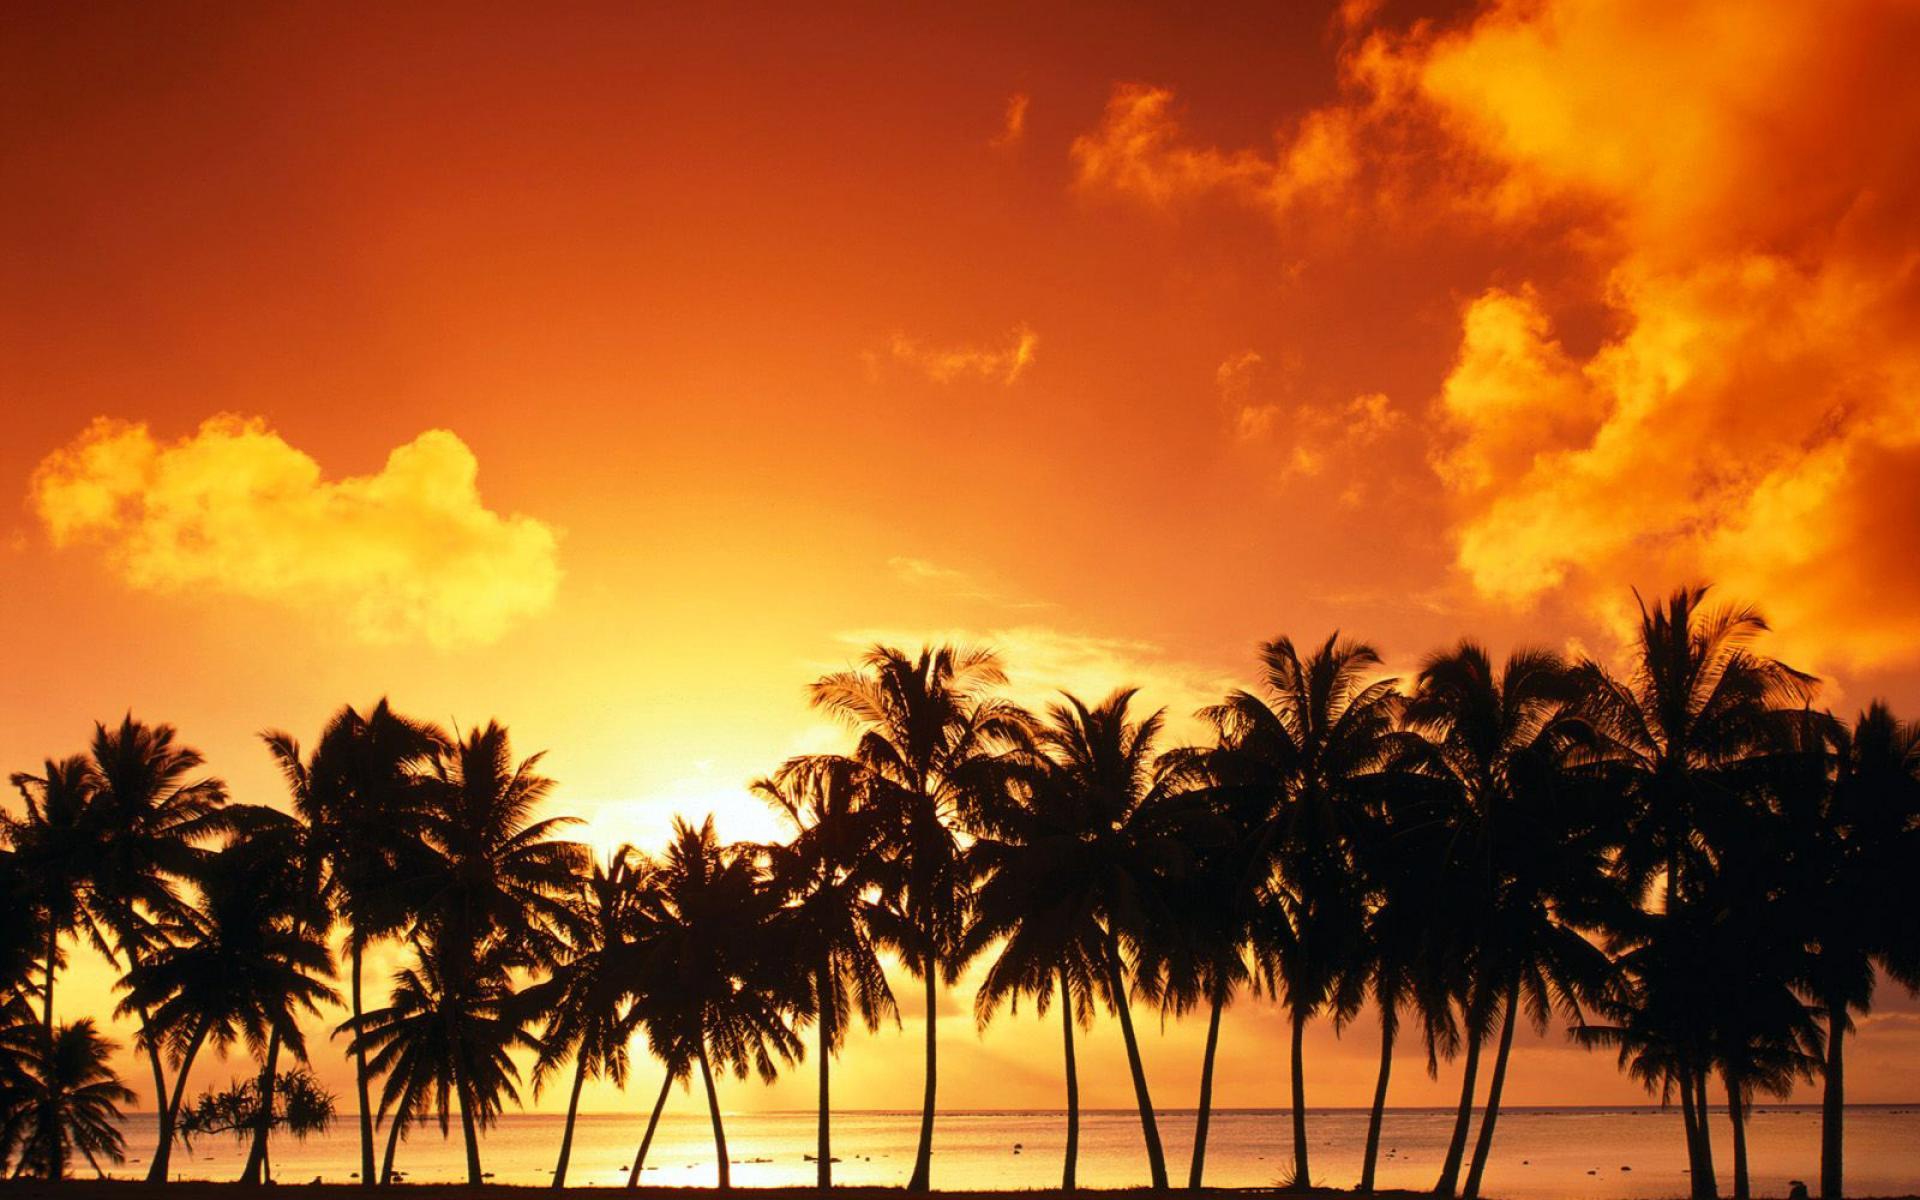 sunset wallpapers summer beach